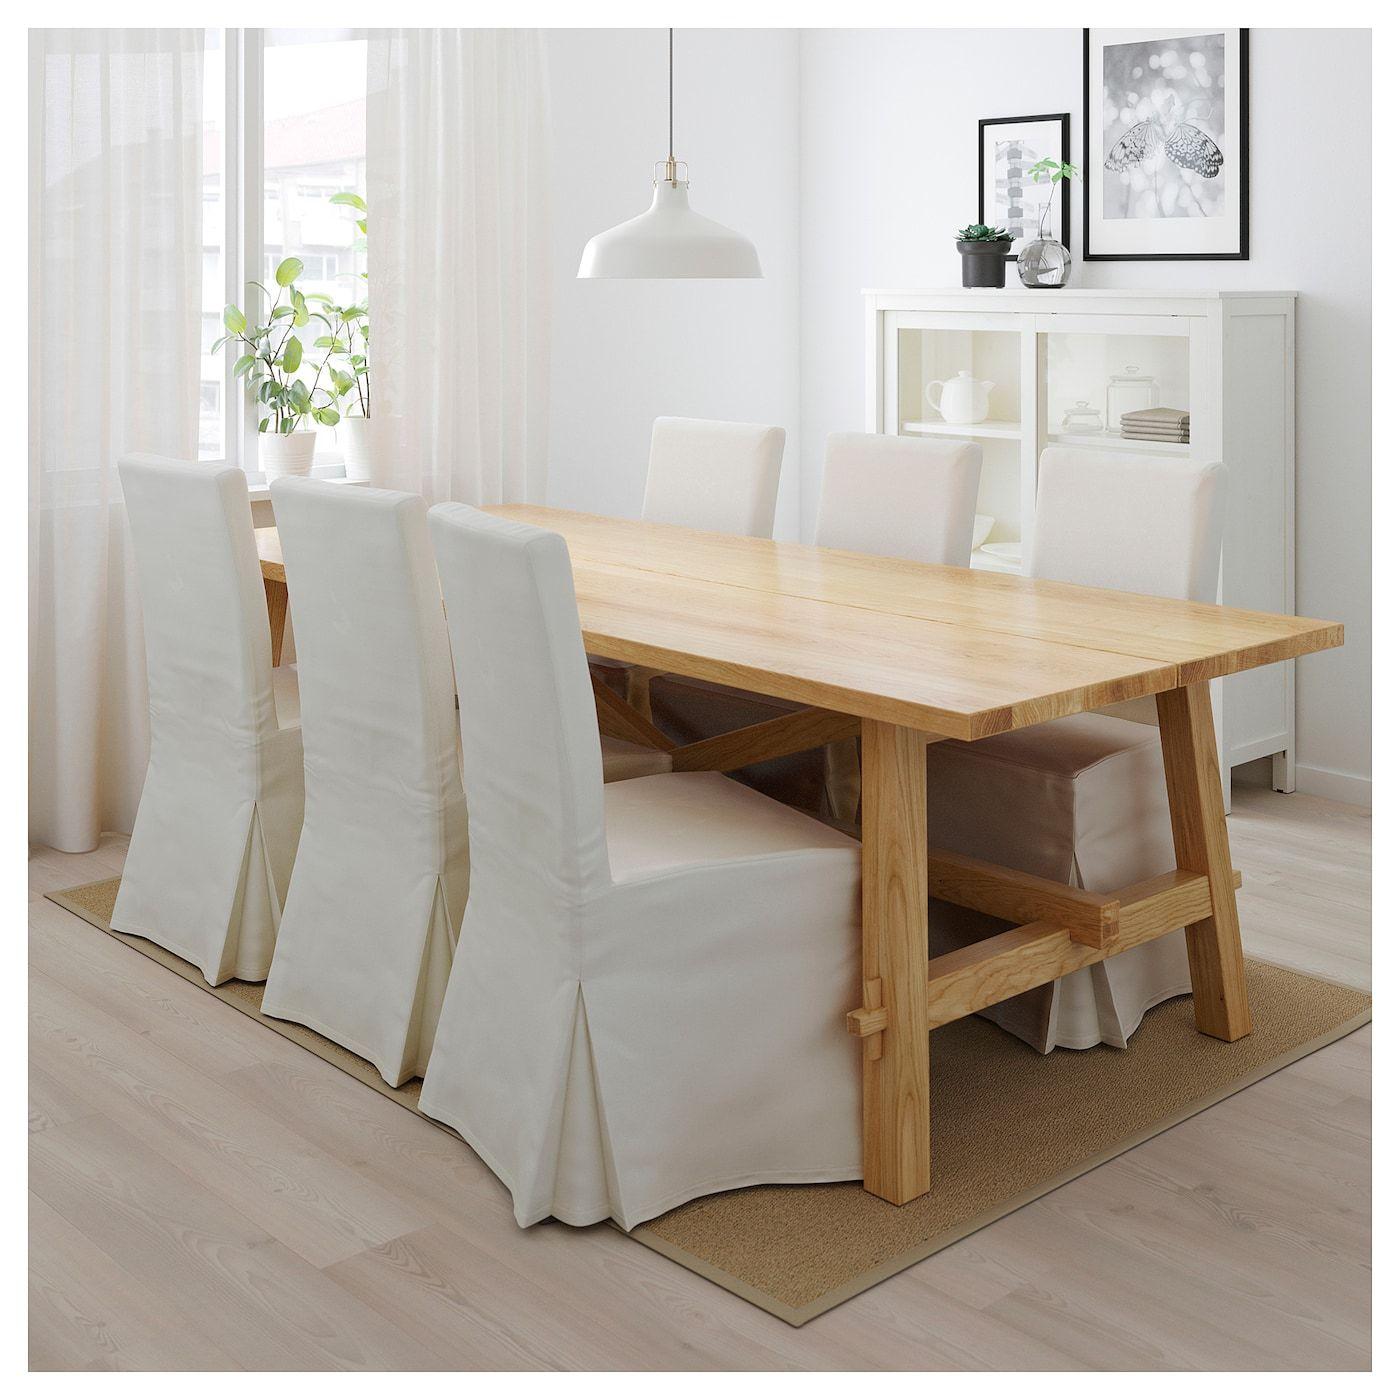 Mockelby Tisch Eiche Ikea Deutschland Scandinavian Design Living Room Ikea Living Room Scandinavian